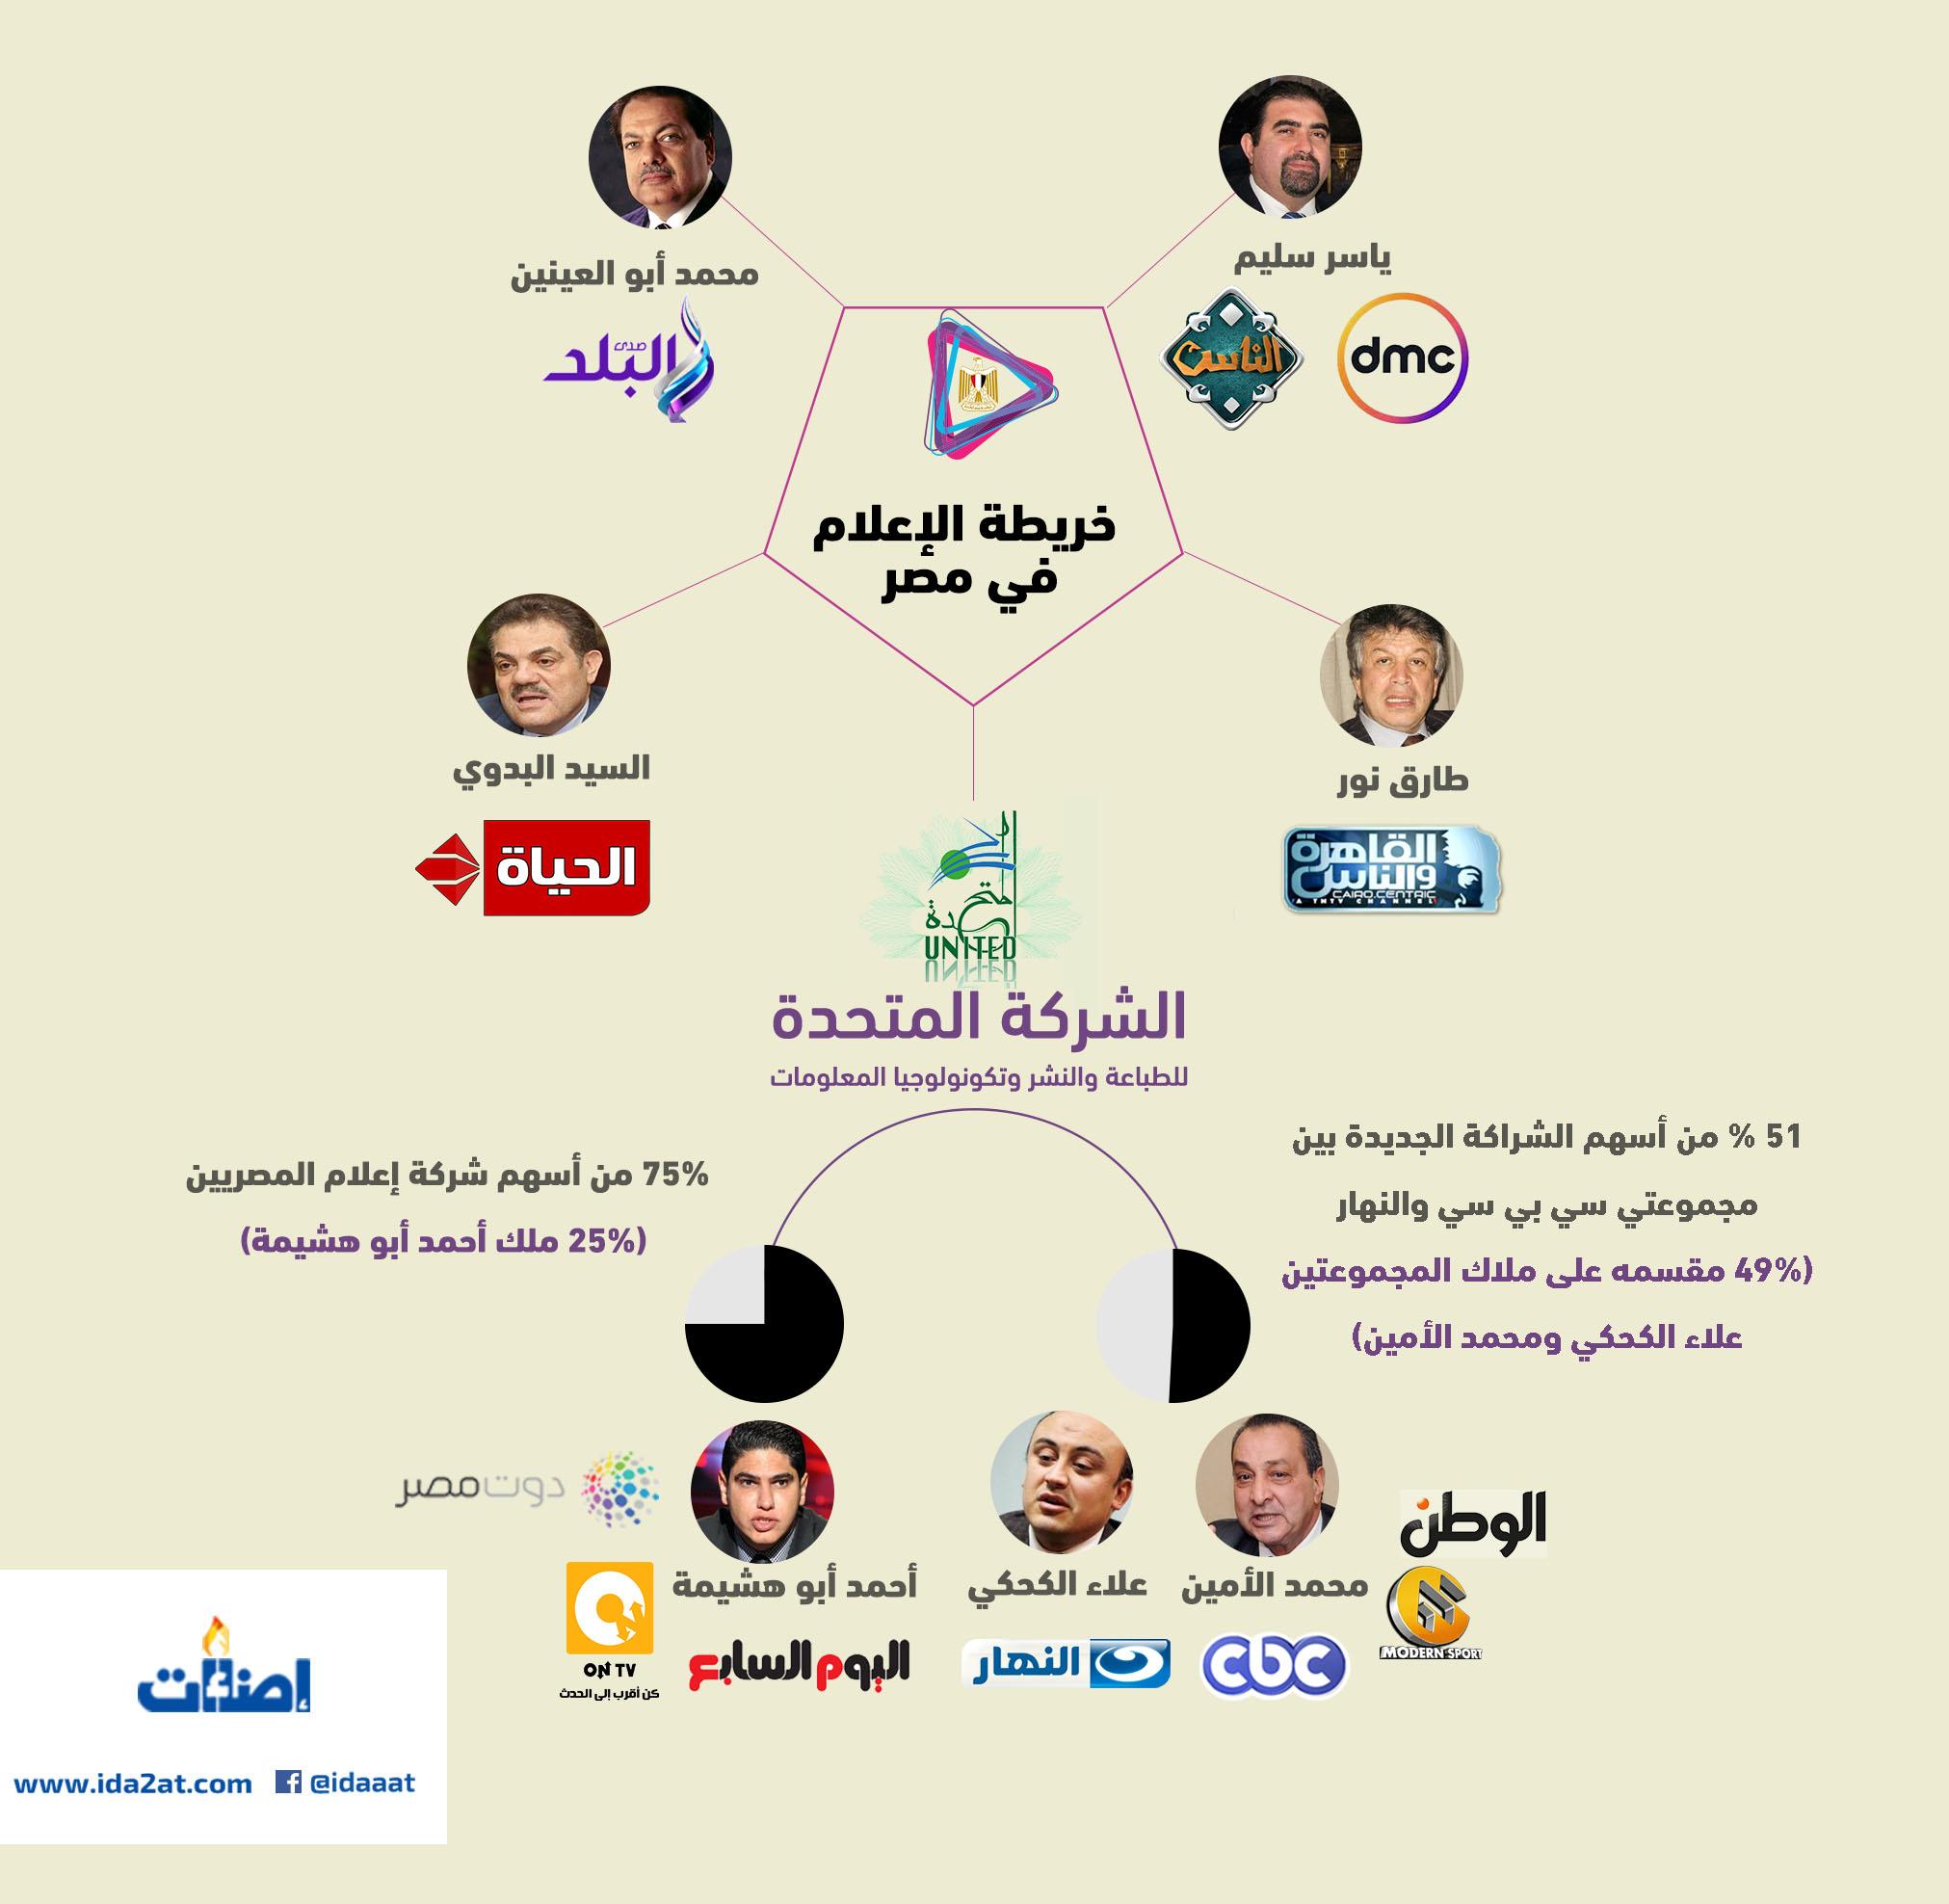 خريطة، الإعلام المصري